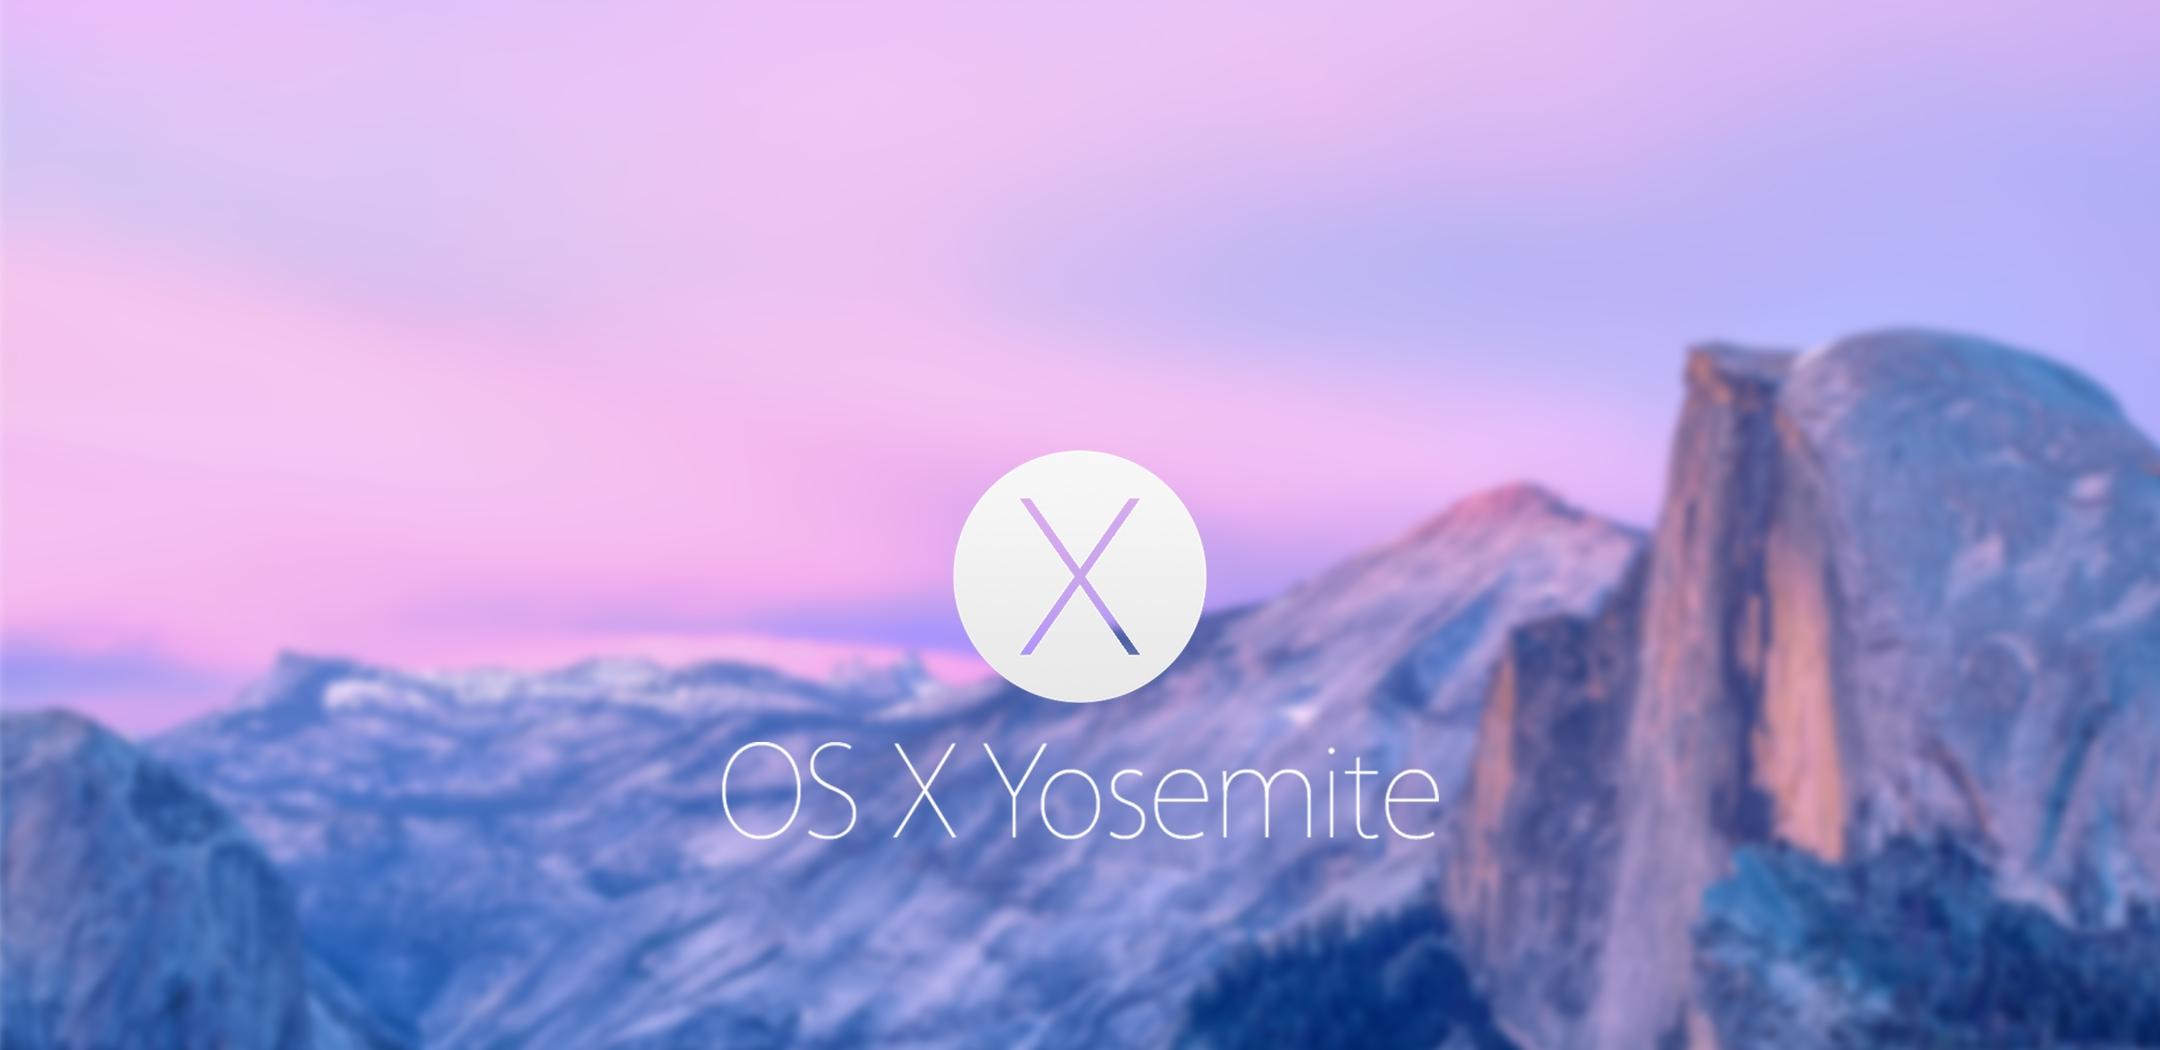 Wallpapers OS X Yosemite